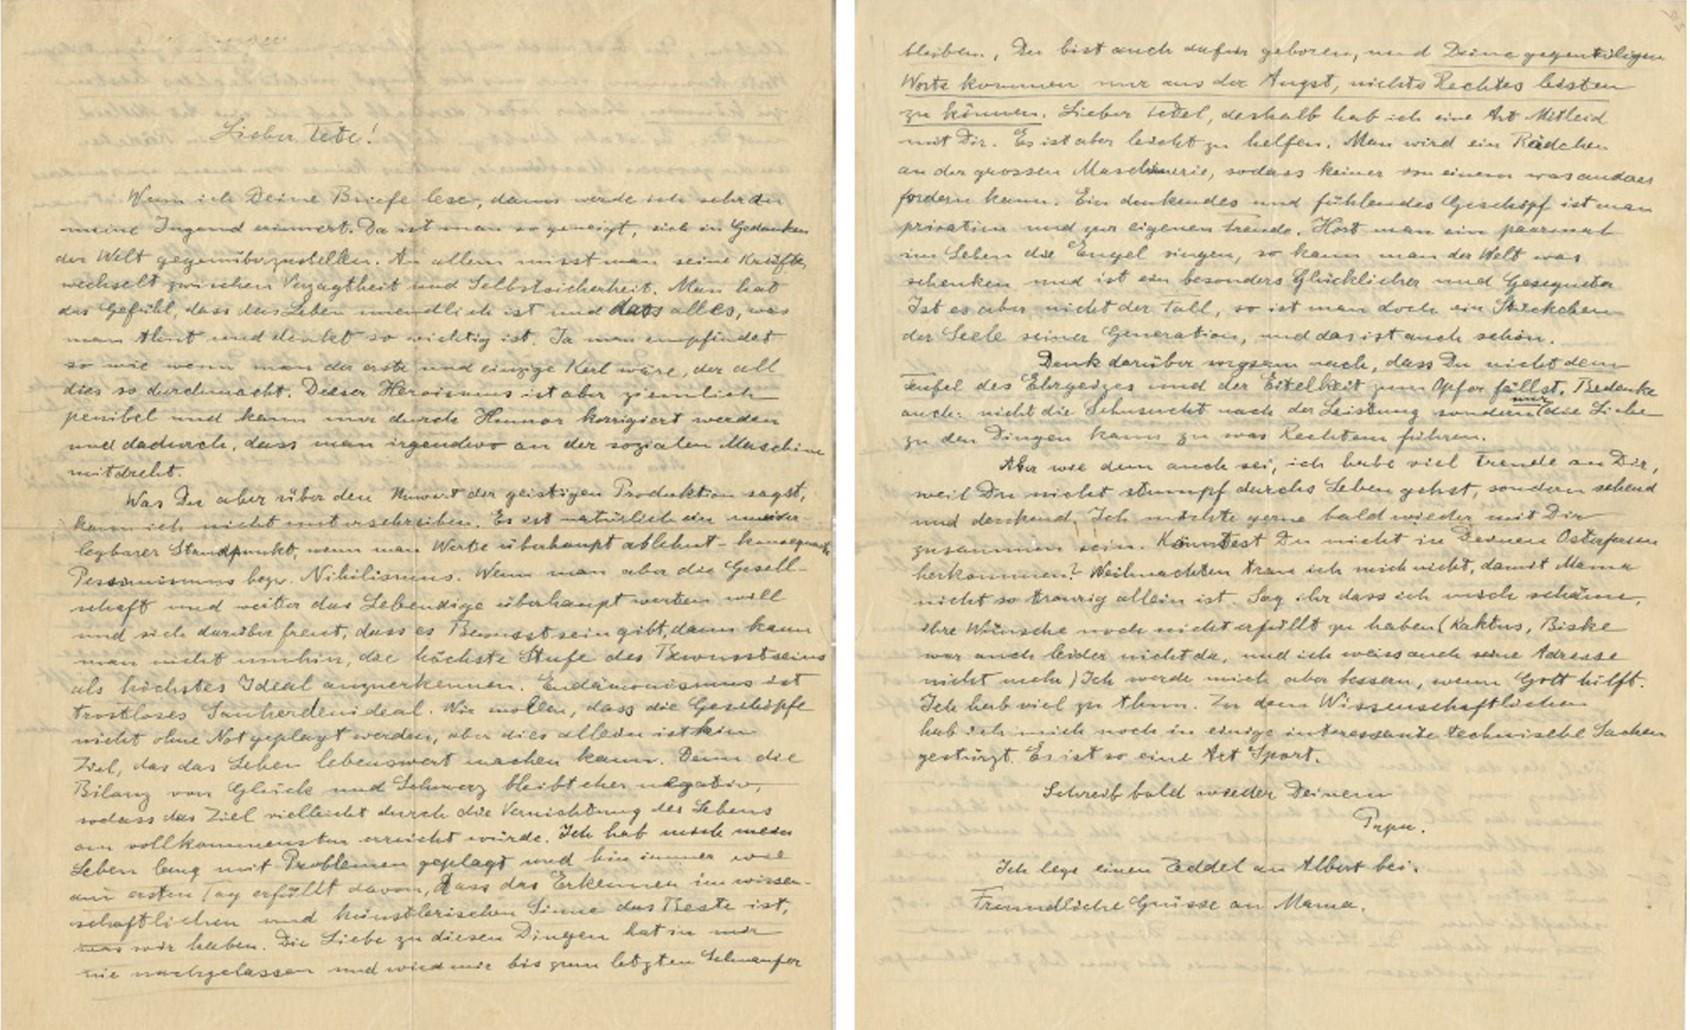 """En una carta a su hijo Eduard, Albert Einstein escribió sobre la juventud. """"Cuando eres joven, tiendes a oponerte mentalmente al mundo"""", escribió (Profiles in History)."""